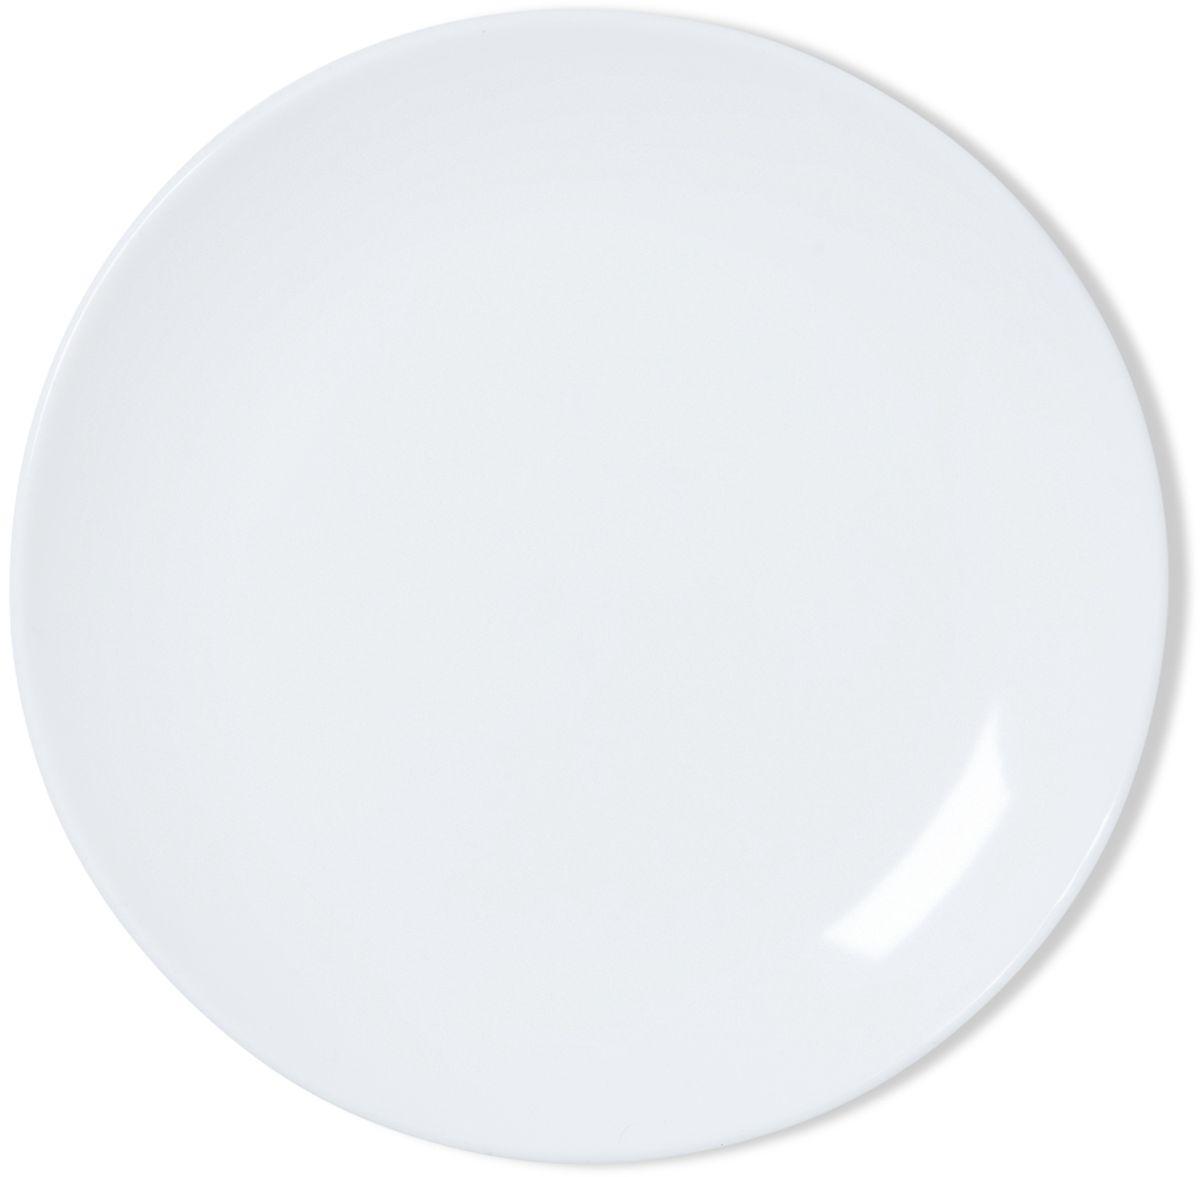 Тарелка десертная Dosh l Home Adara, 21 см115510Элегантная тарелка Dosh l Home Adara для стильной сервировки блюд и закусок. Изготовлена из высококачественного силикона белоснежного цвета. Силикон не впитывает запах и вкус продуктов, устойчив к царапинам. Подходит для микроволновой печи, холодильника. Можно мыть в посудомоечной машине. Мыть обычными моющими средствами, не использовать агрессивные вещества, металлические мочалки, острые предметы.